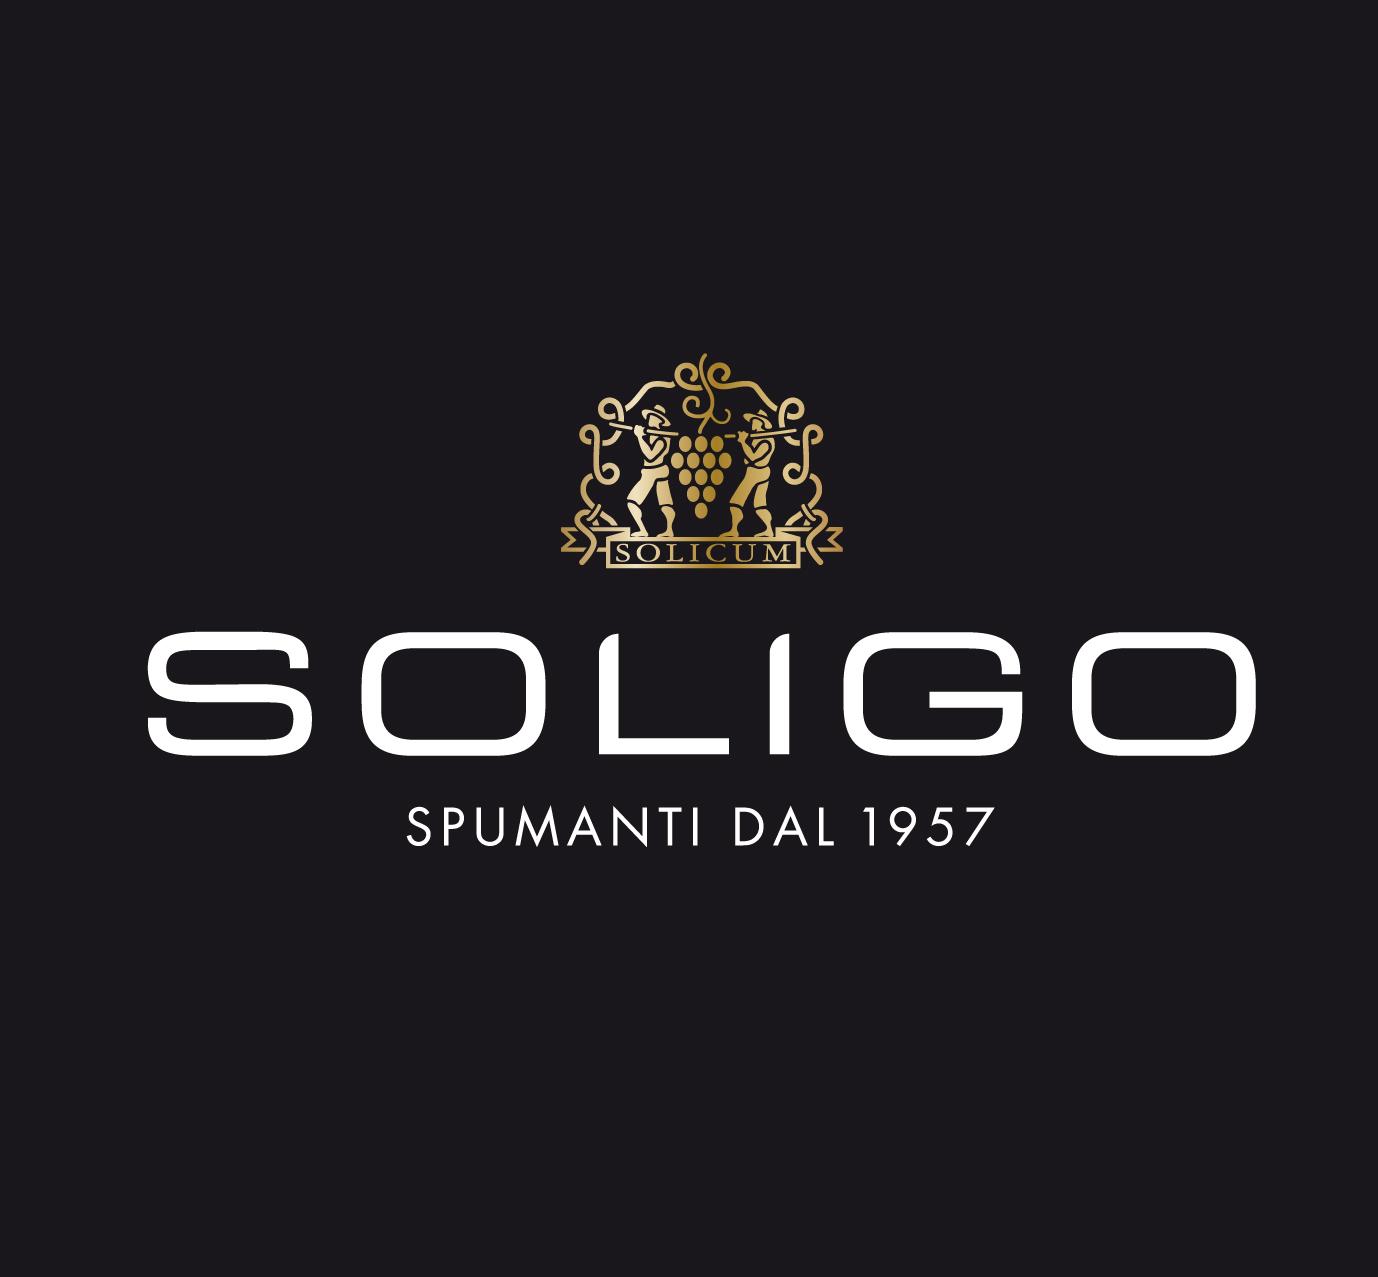 Logo cantina Colli del Soligo spumanti prosecco Conegliano Valdobbiadene sfondo nero